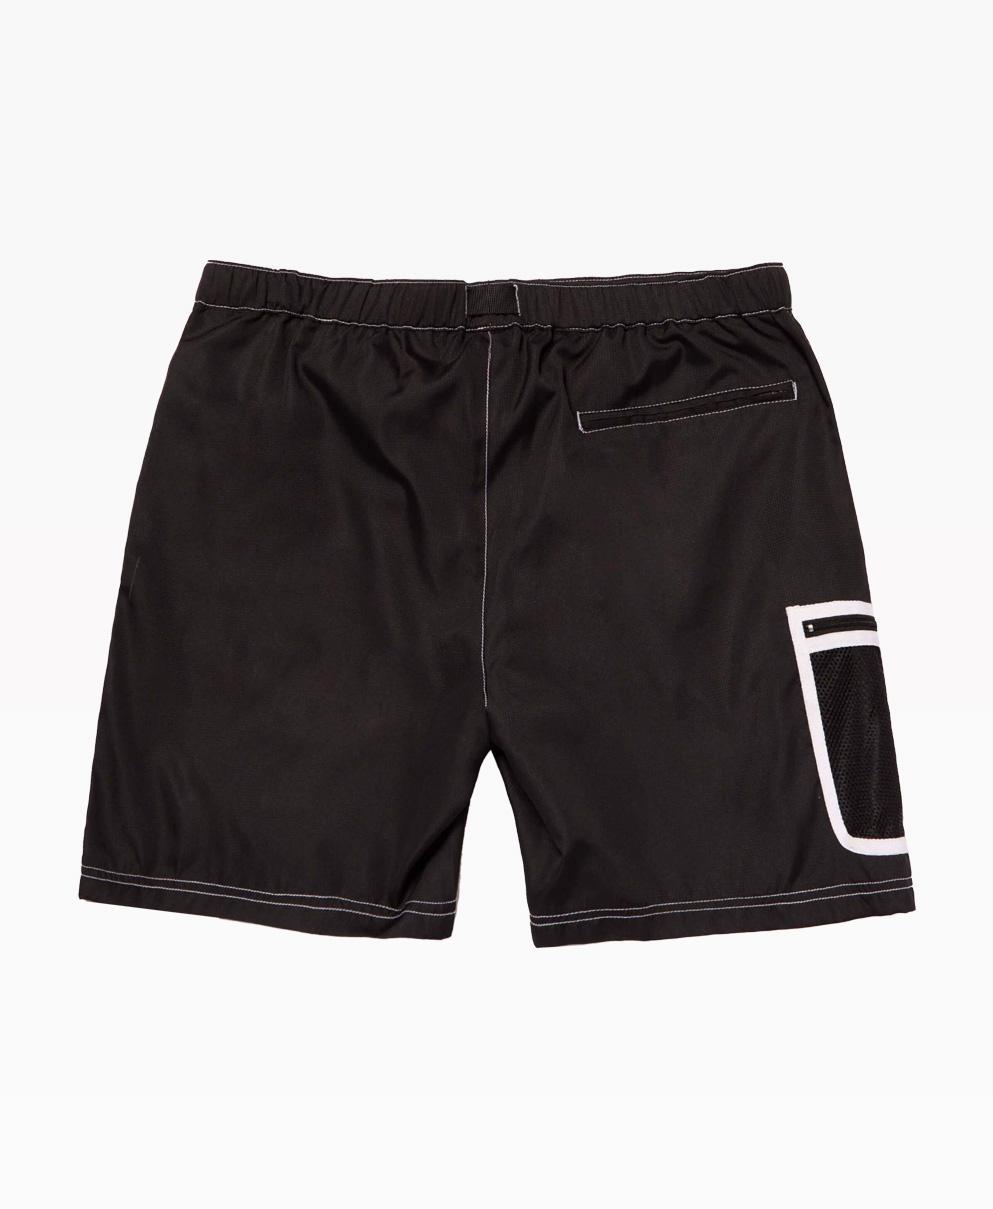 Huf Peak Contrast Short Black Back